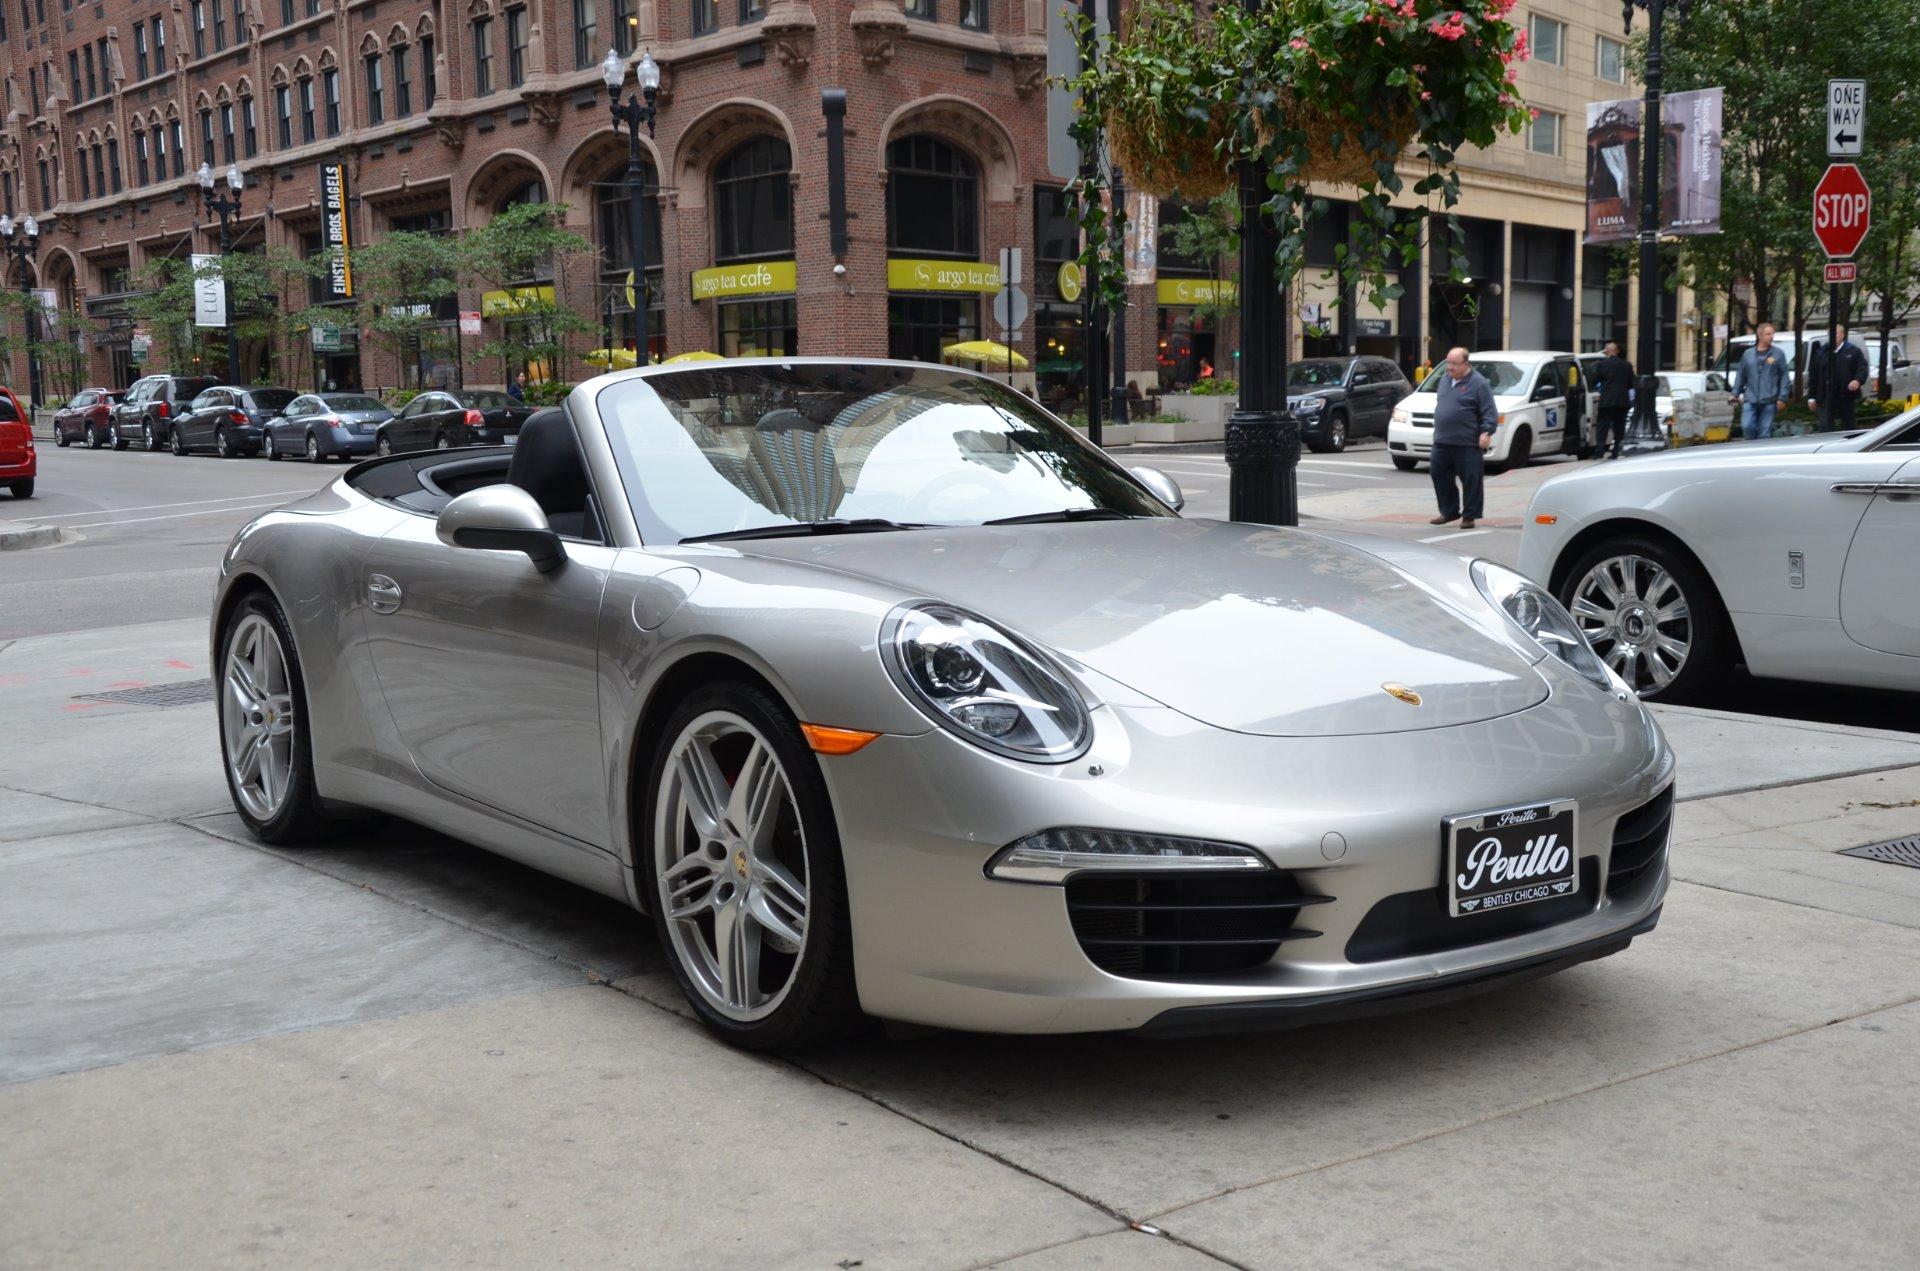 2012 porsche 911 carrera s stock l331aa for sale near chicago il il porsche dealer. Black Bedroom Furniture Sets. Home Design Ideas